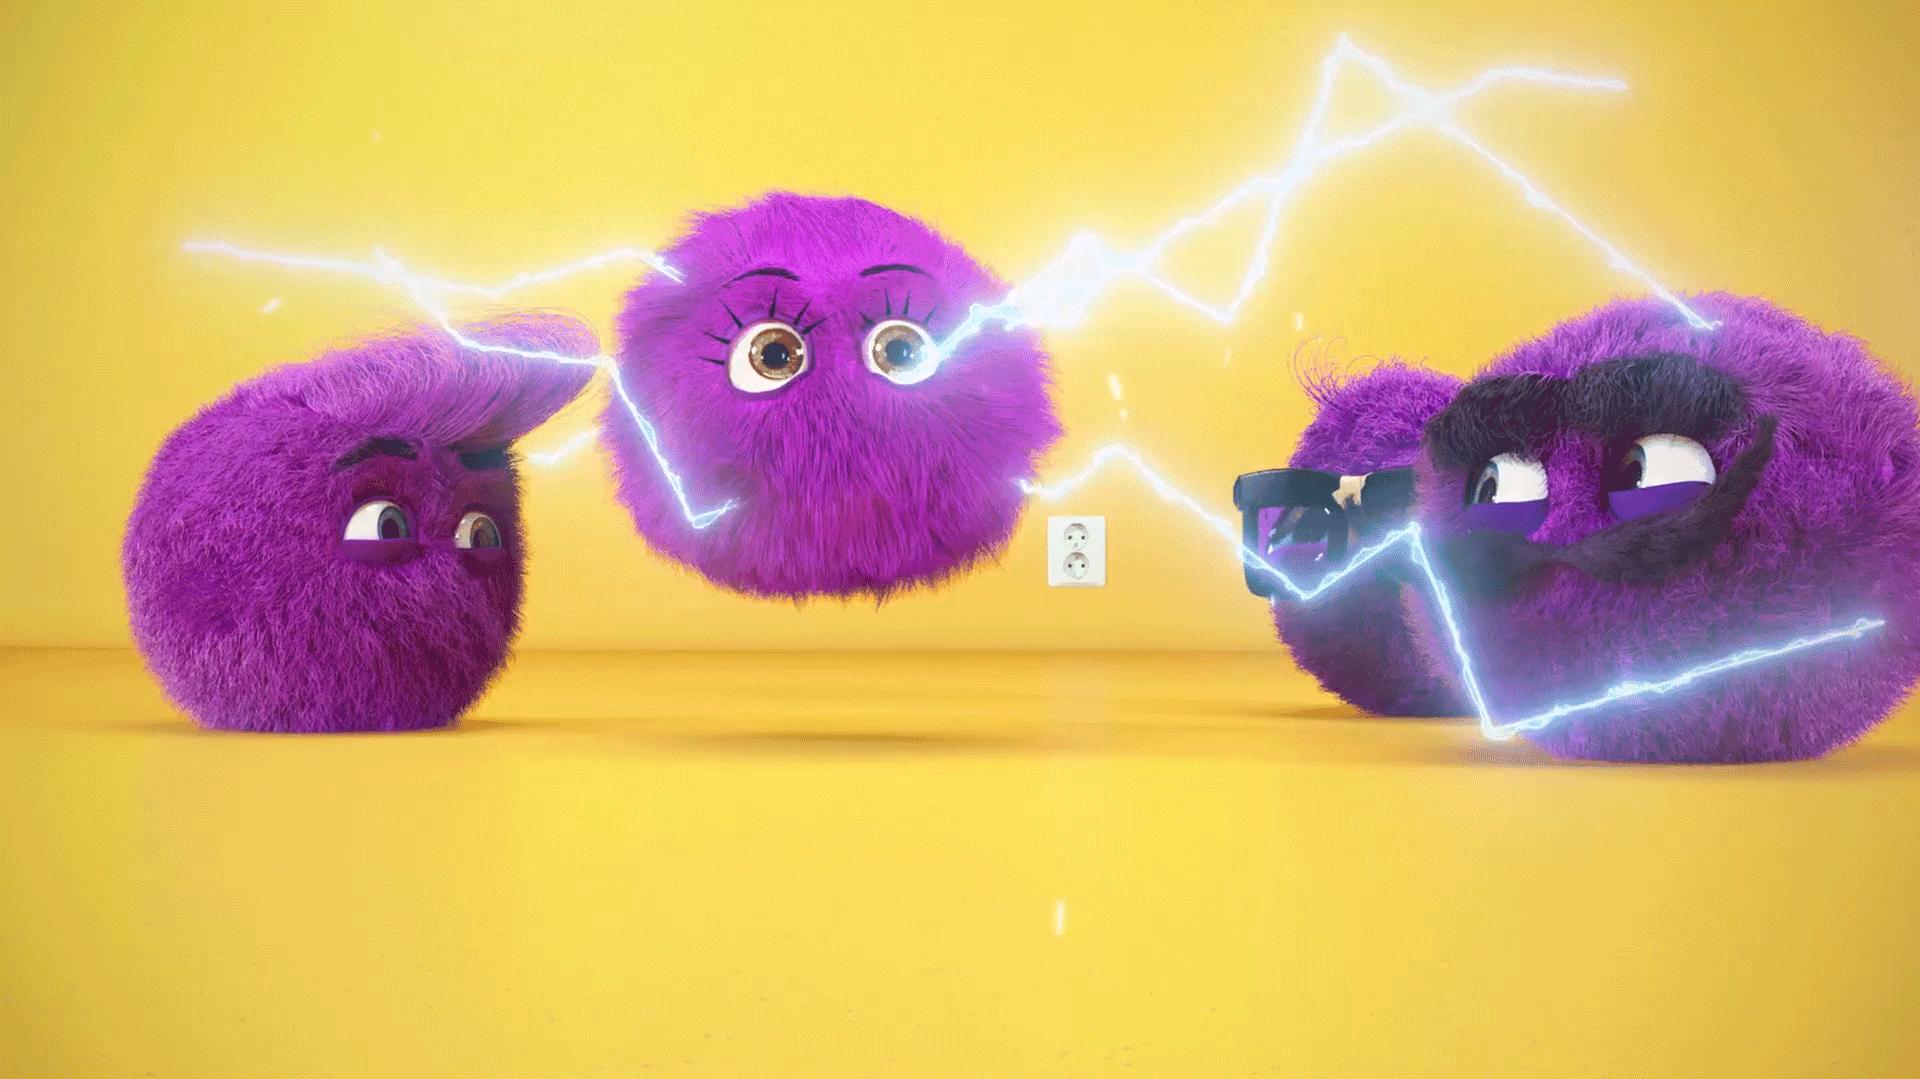 3d animasjon av alle de lilla norgesenergi elektronene det kommer stroemstraaler ut av jente karakteren